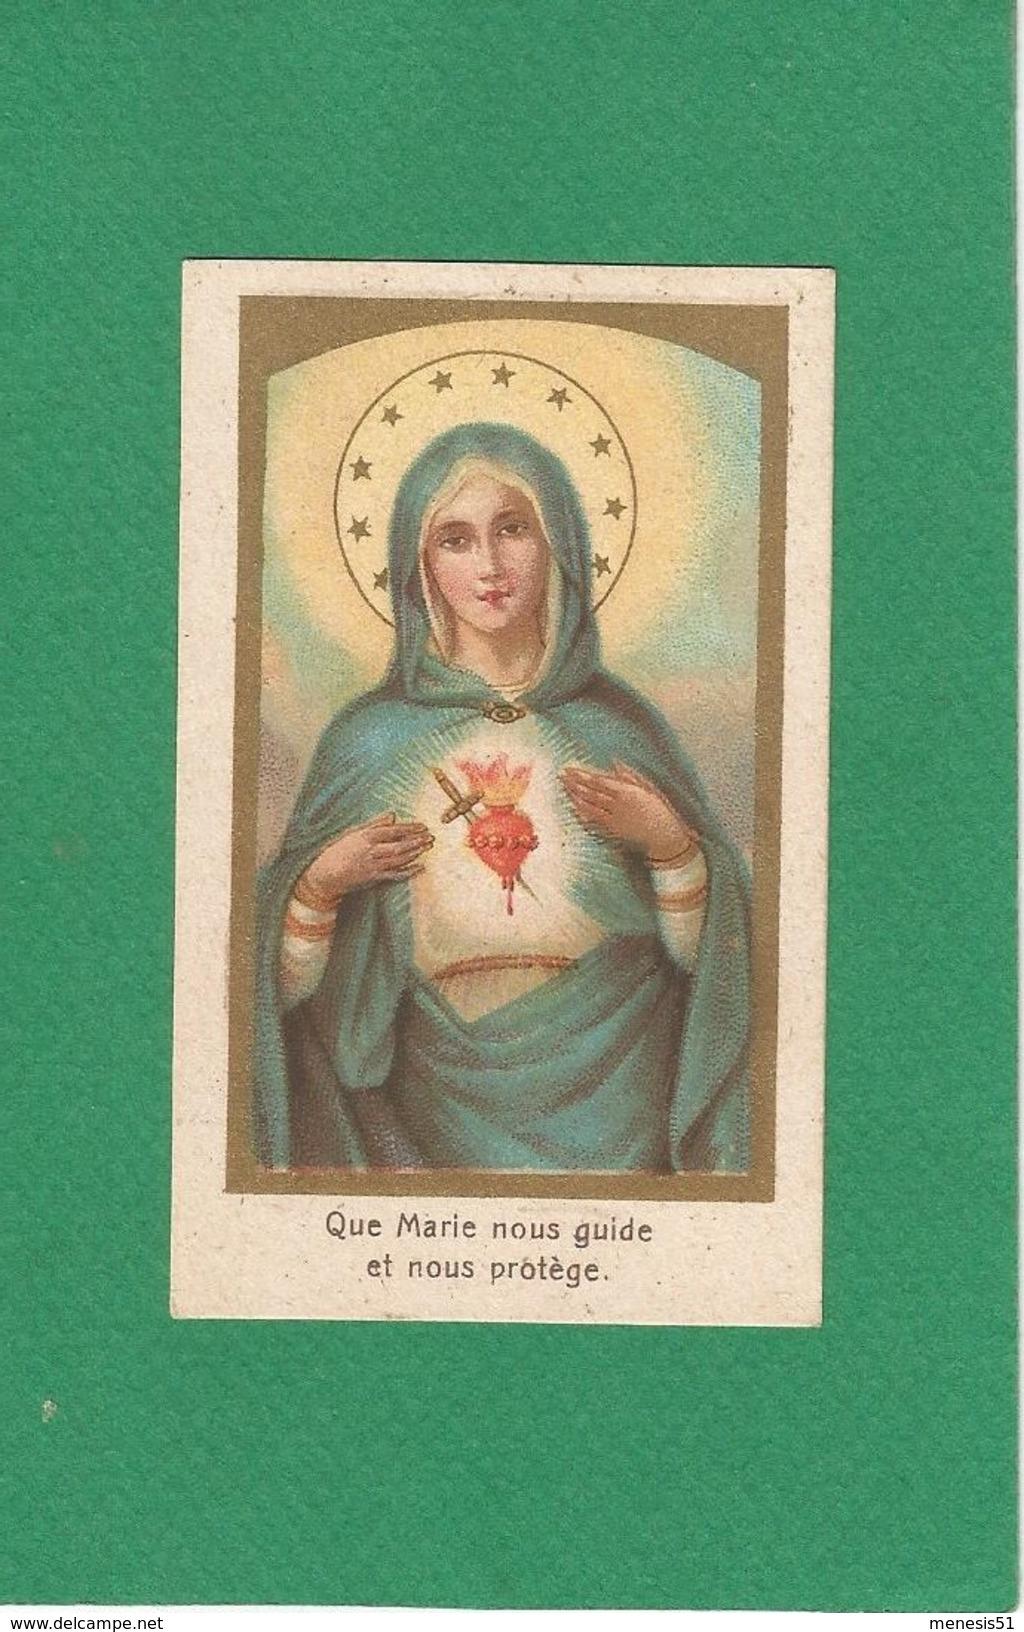 Image Pieuse Religieuse Holy Card Santini Illustration Vierge Bon Point Offert Par SALVY Aliment Des Nourrissons - Devotion Images